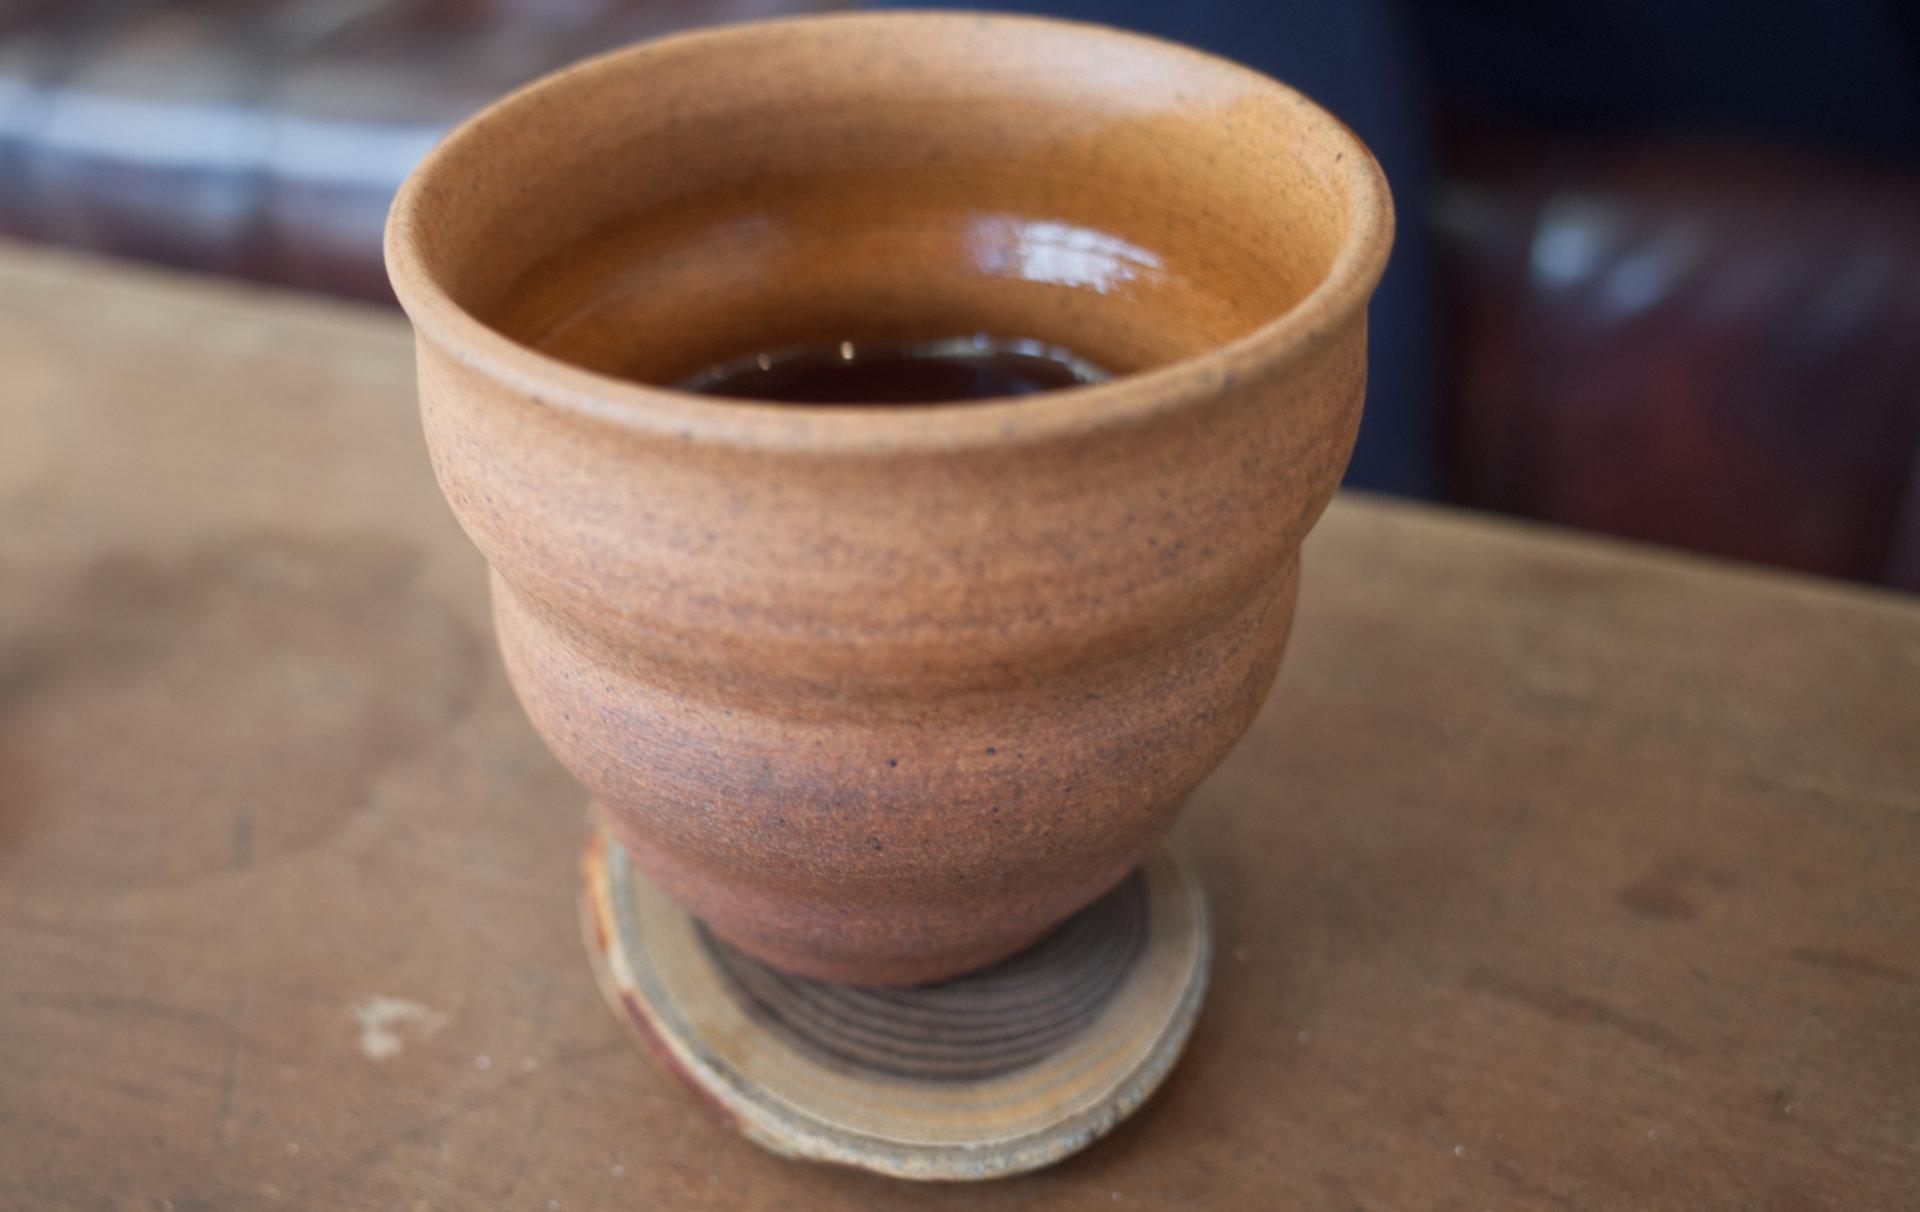 陶器カップ&コーヒー「chichinpuipui cafe(ちちんぷいぷいカフェ)」霧島市国分上井